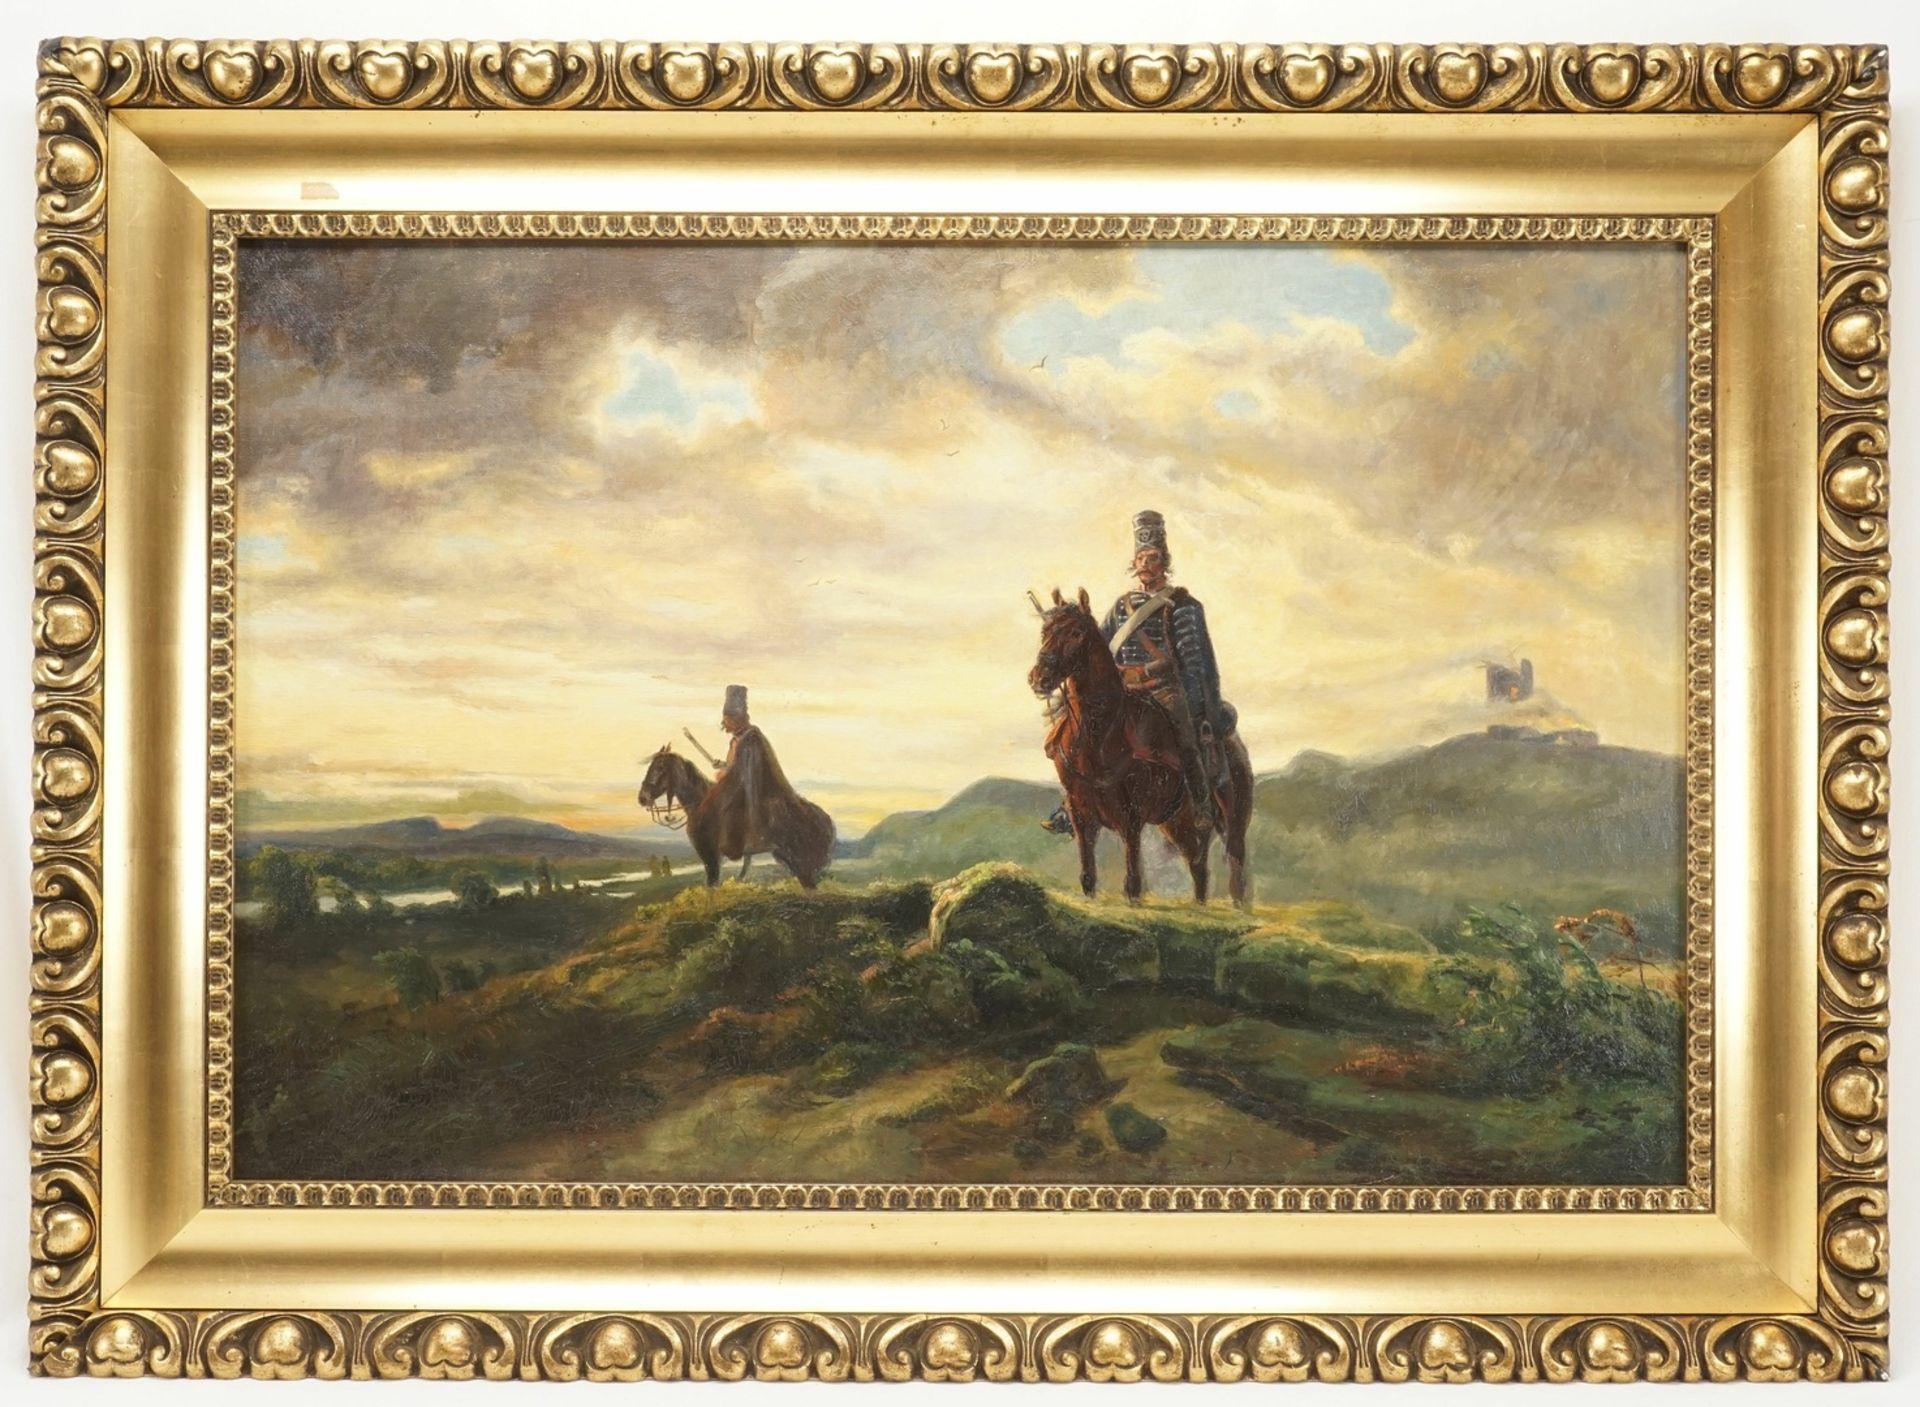 """Historienmaler des frühen 20. Jhs., """"Vedette (Schlacht bei Rossbach)"""", nach Wilhelm von Camphausen - Bild 2 aus 3"""